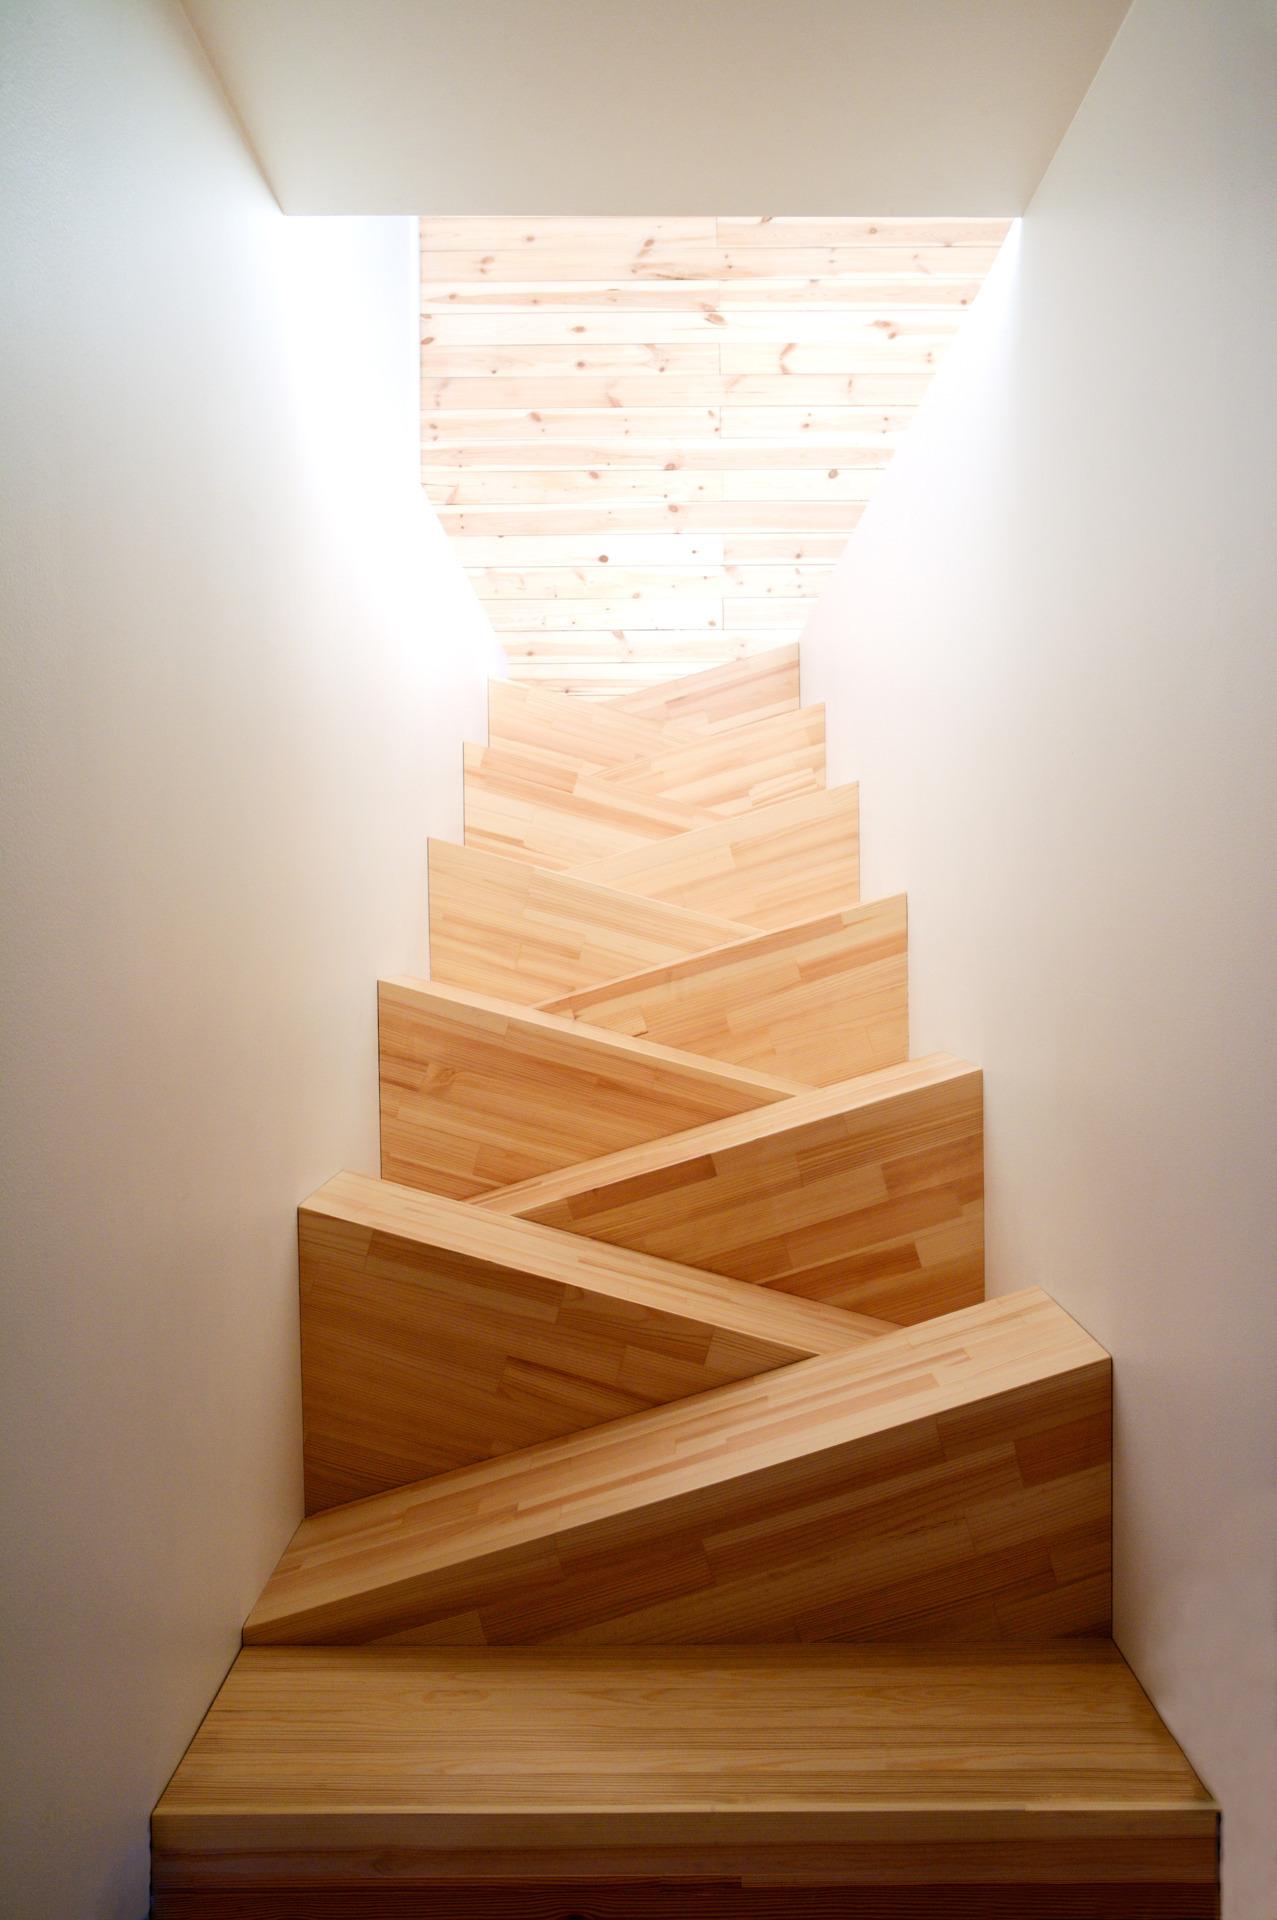 O To Ww Bing Comsquare Root 123: Las Escaleras Mas Hermosas Y Creativas Del Mundo